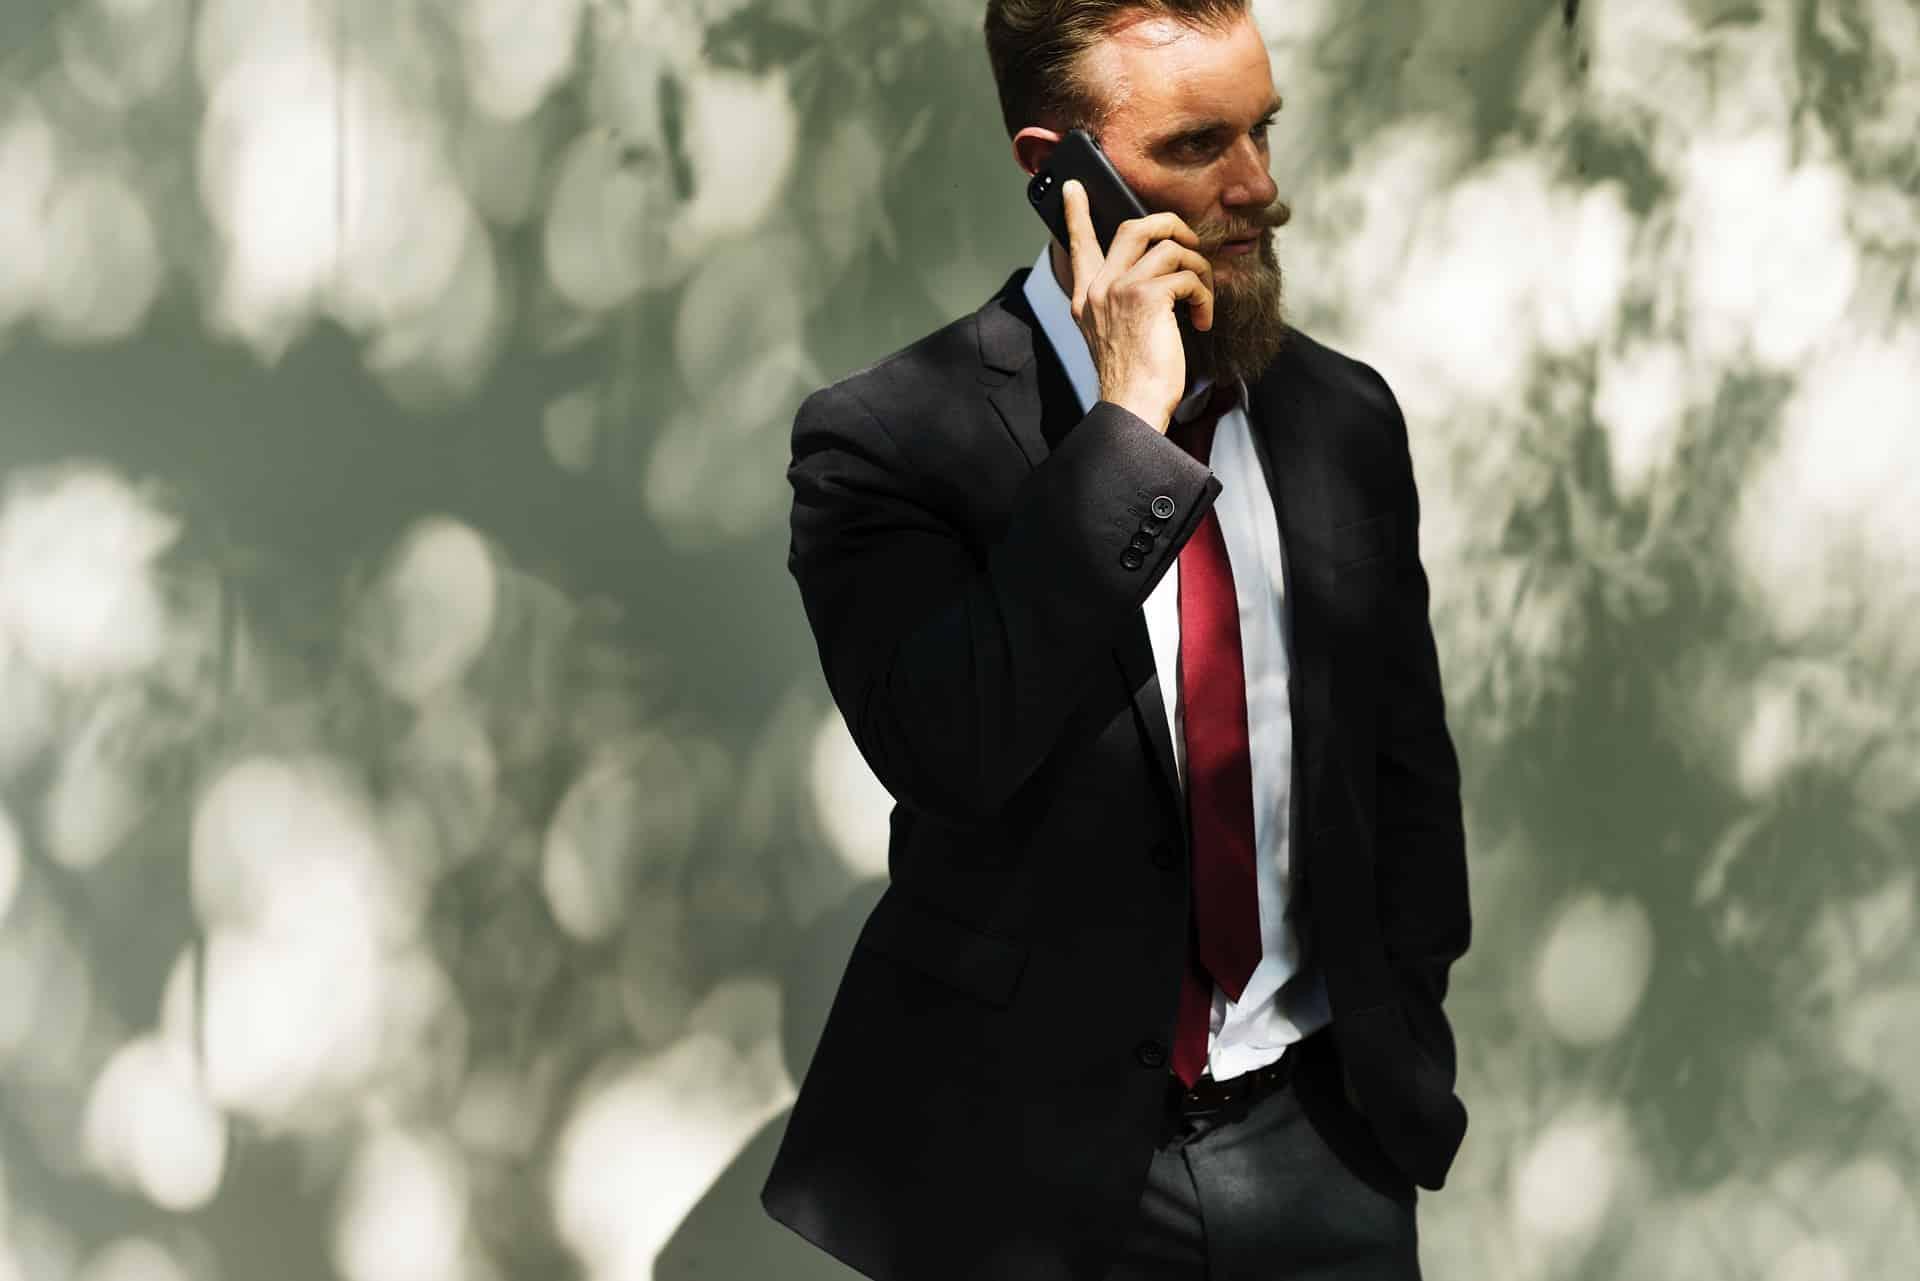 Elemental Technology Solutions telecom broker